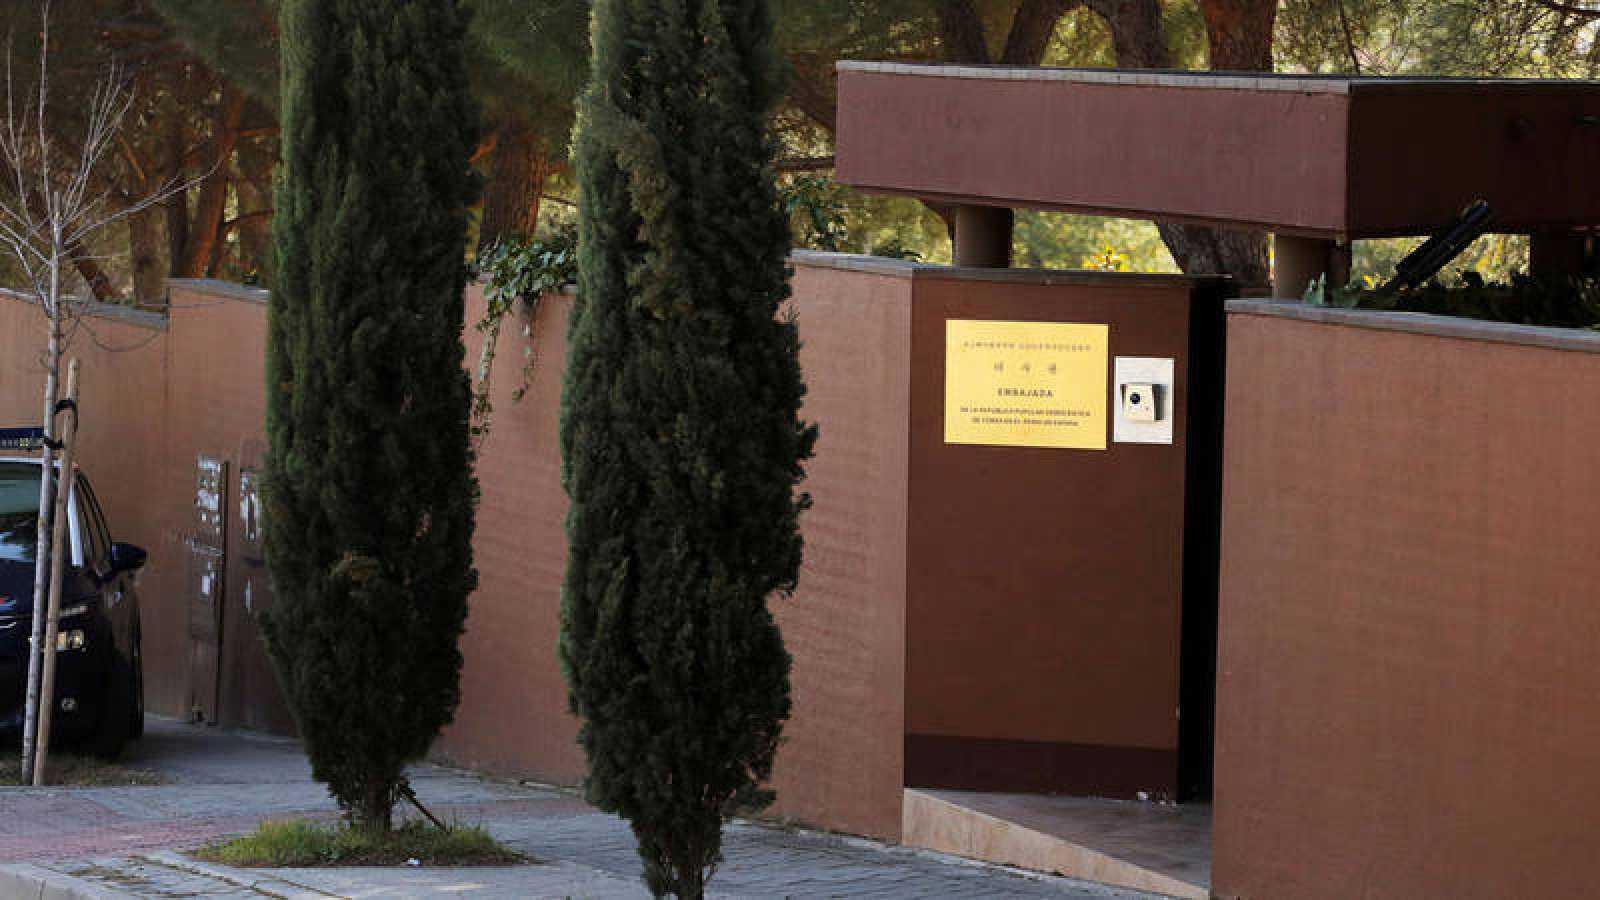 Imagen de la embajada norcoreana en Madrid, asaltada el pasado 22 de febrero